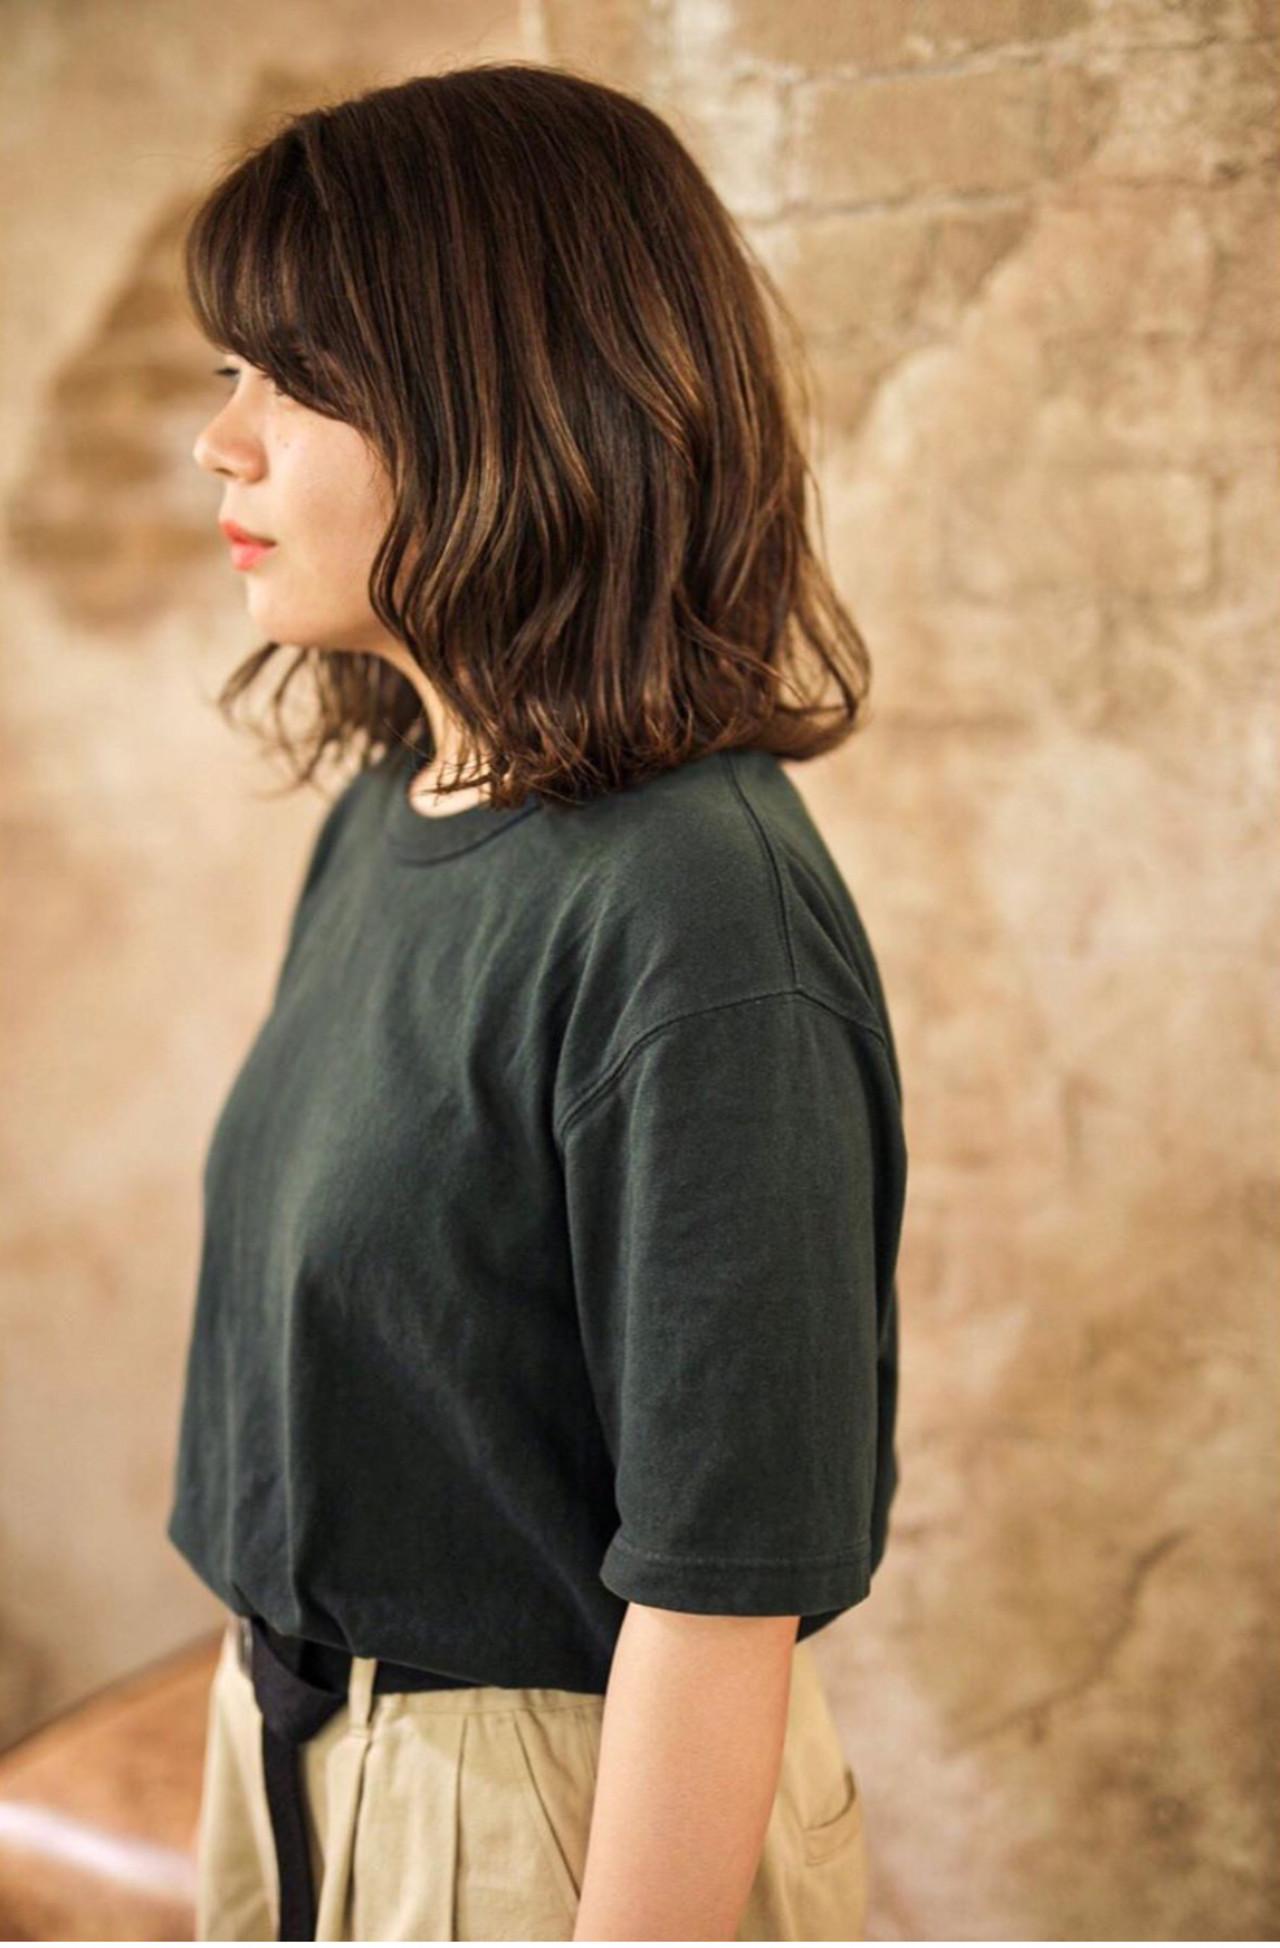 ミディアム ガーリー 黒髪 ブリーチオンカラー ヘアスタイルや髪型の写真・画像